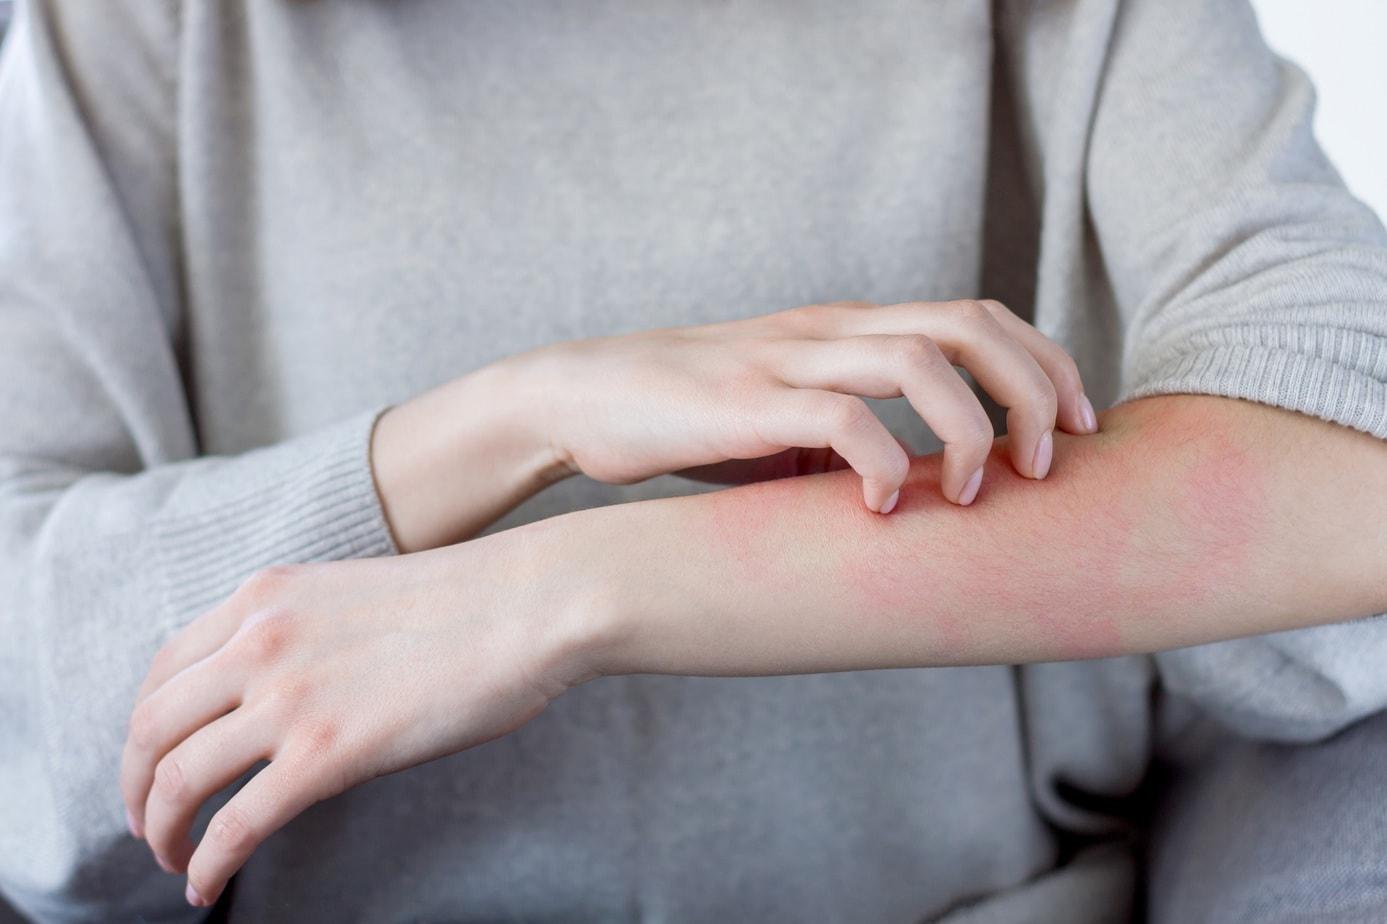 Łuszczyca to choroba, która przestaje być tematem tabu. Poznaj jej przyczyny, objawy i sposoby leczenia